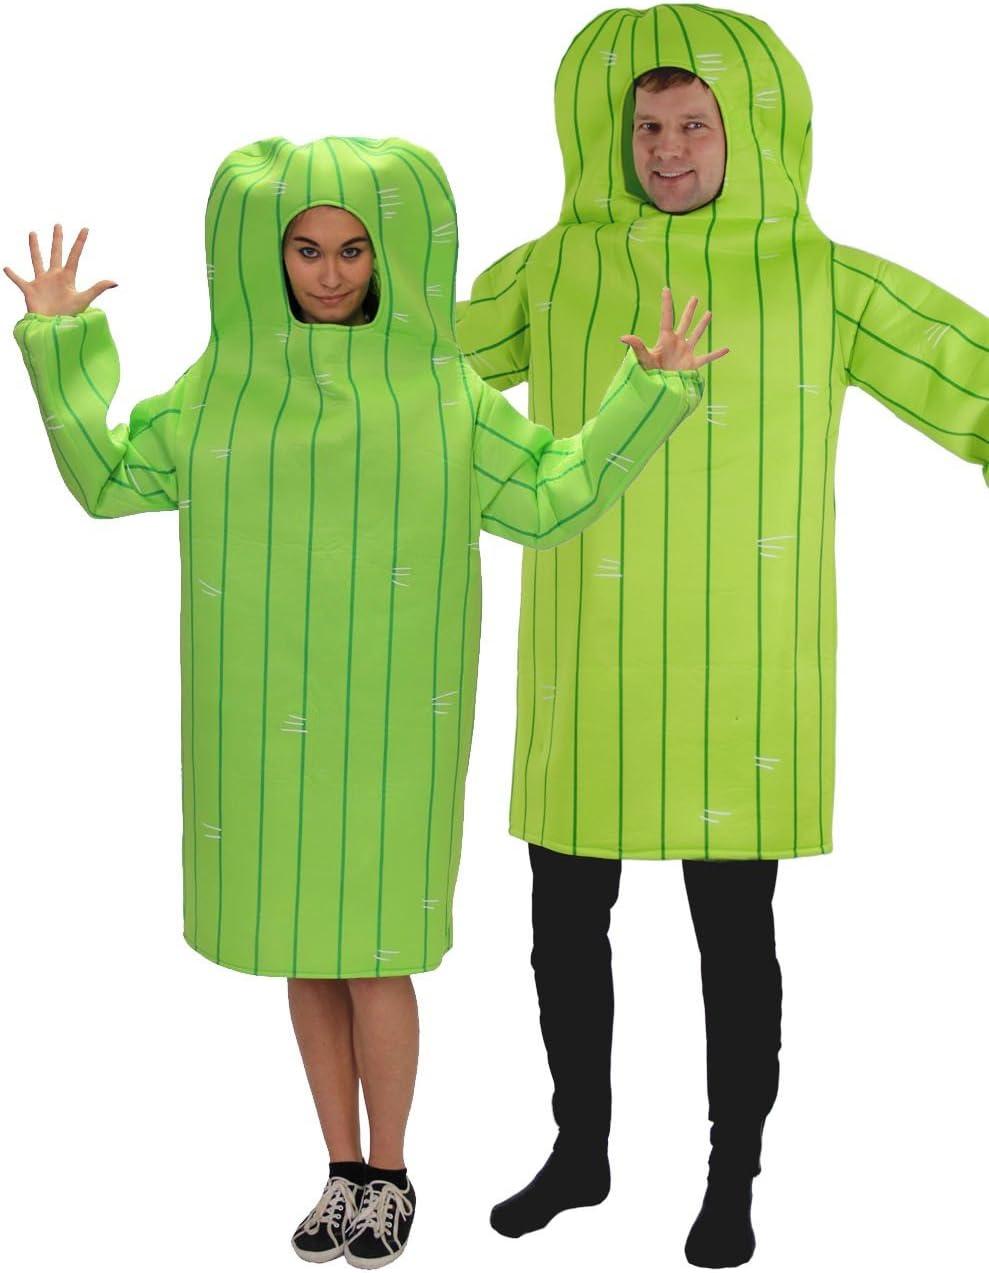 foxxeo 40009 - Disfraz de Cactus, despedida de soltero mexicana ...